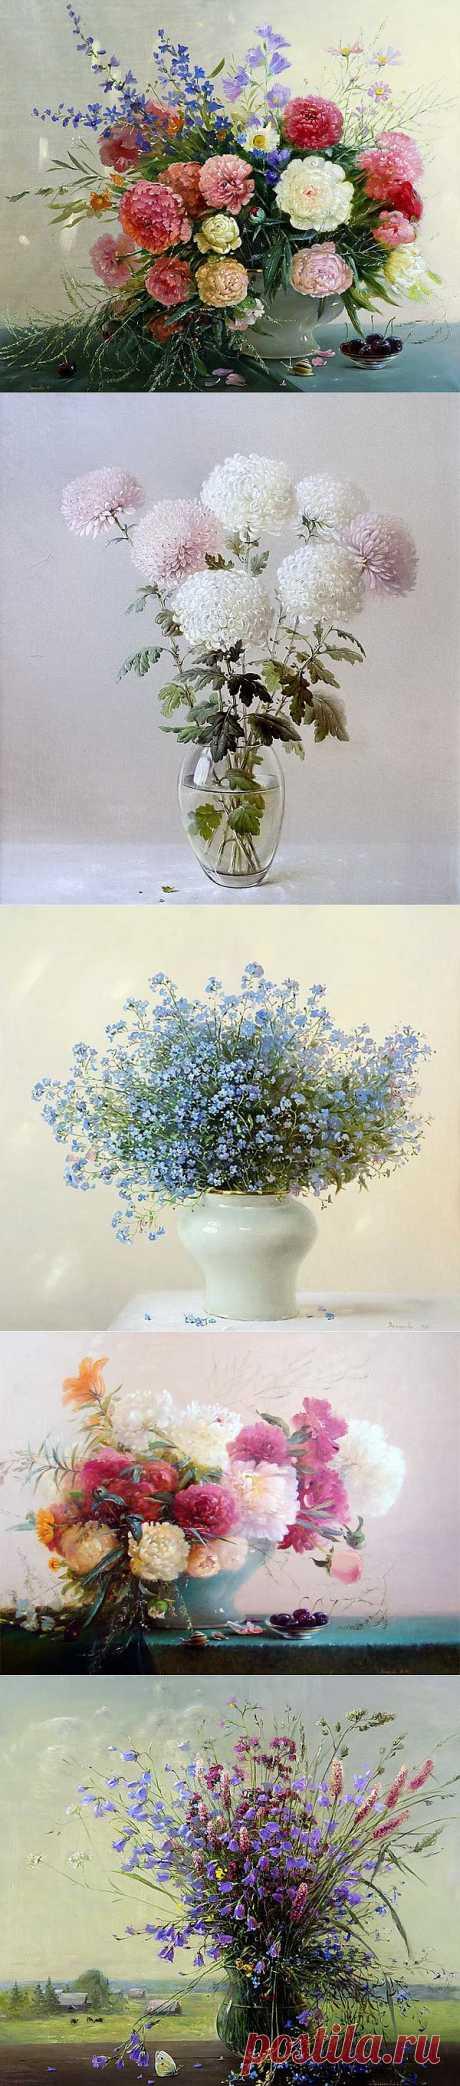 Цветочная тема в творчестве Марины Захаровой.